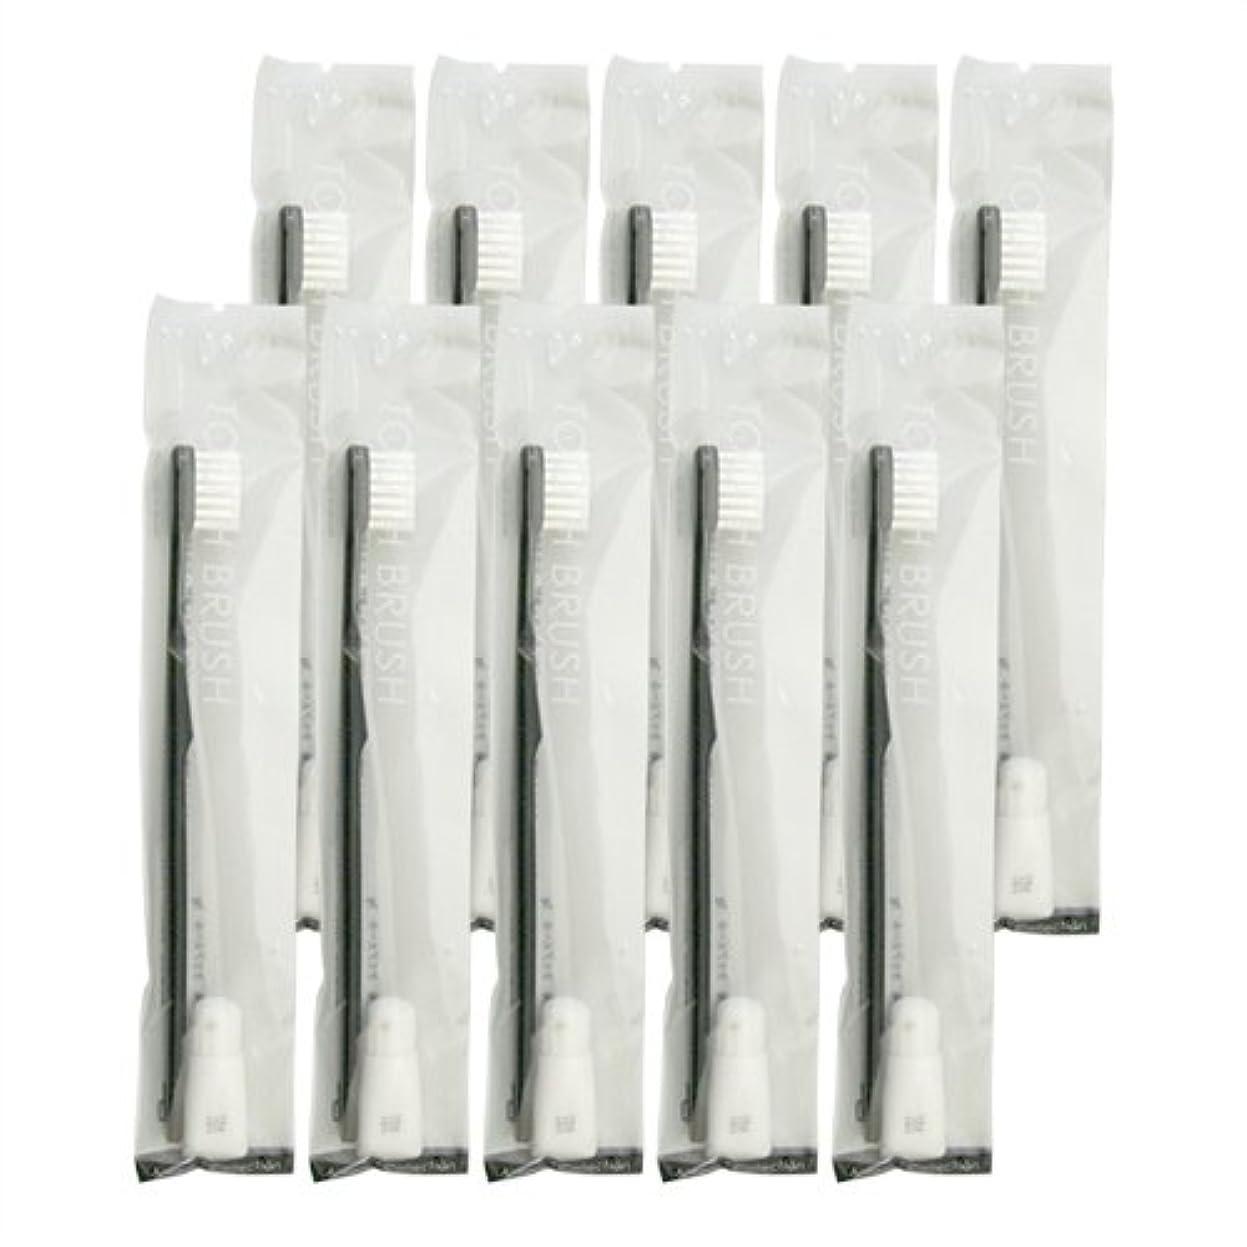 買い手太平洋諸島写真業務用 使い捨て歯ブラシ チューブ歯磨き粉(3g)付き ブラック 10本セット│ホテルアメニティ 個包装タイプ